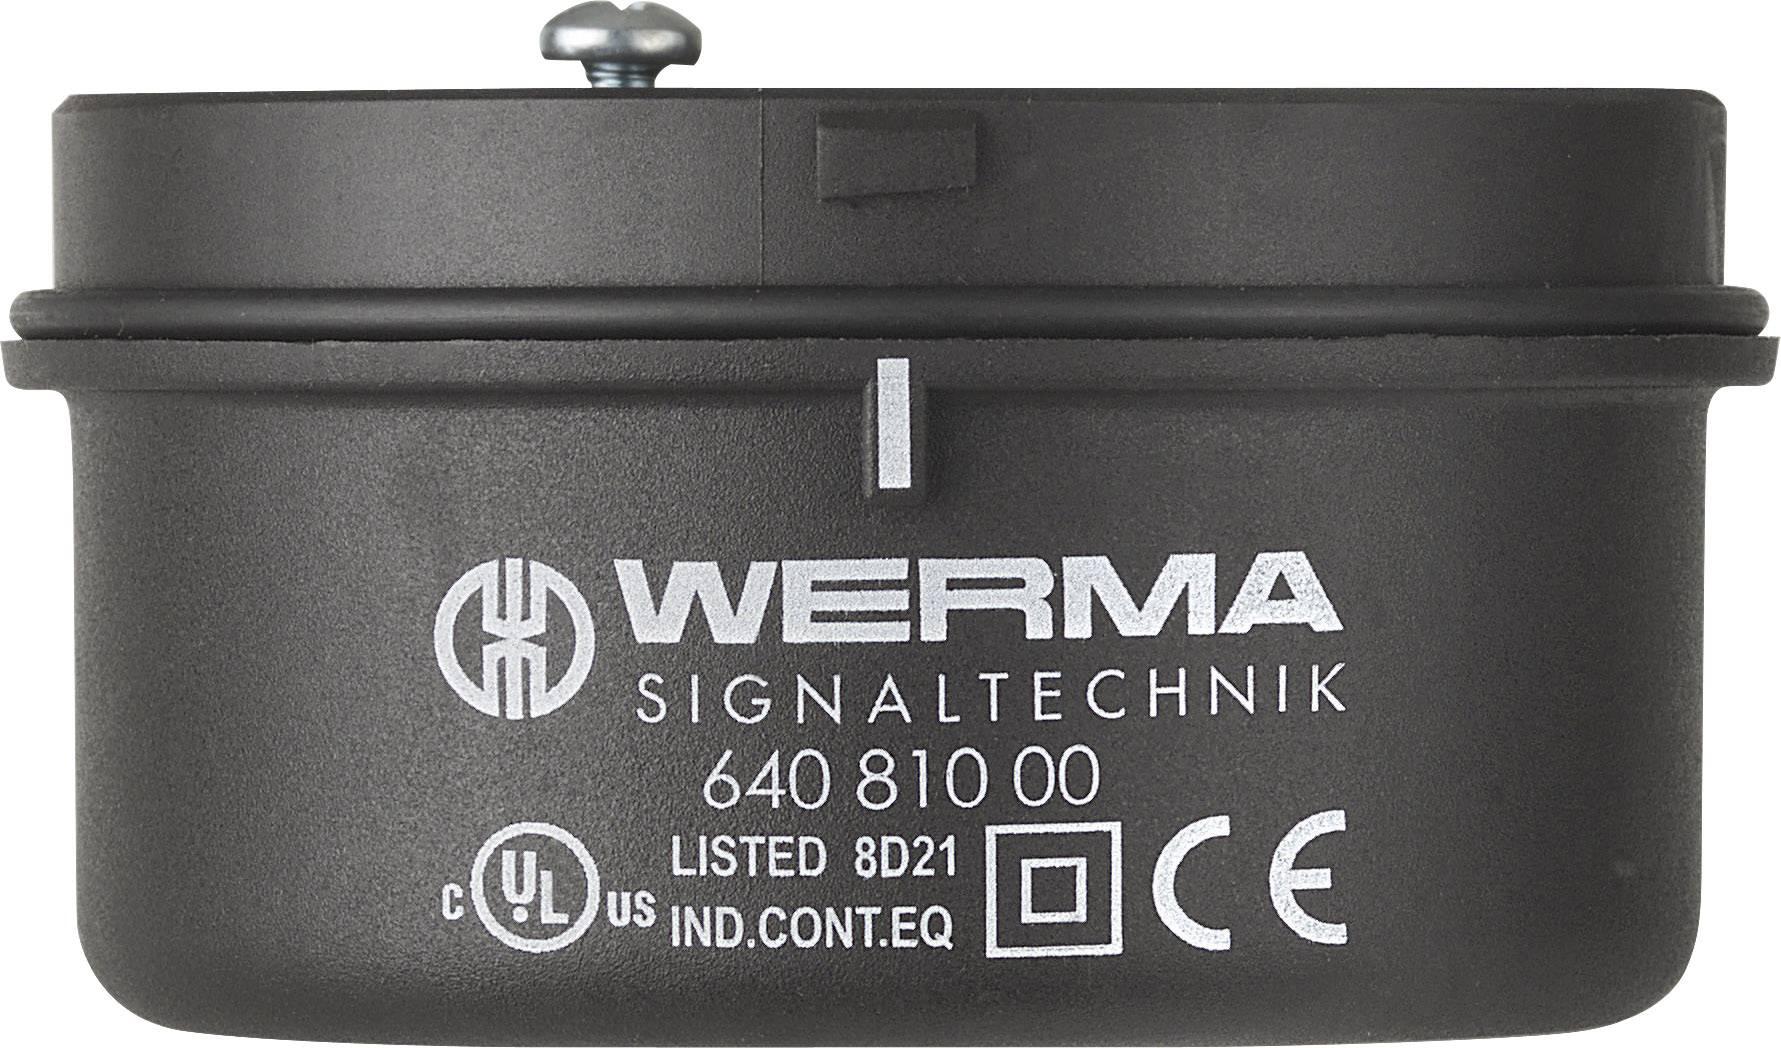 Príslušenstvo pre montáž Werma Signaltechnik 640.810.00 Vhodné pre rad (signálna technika) KombiSIGN 71